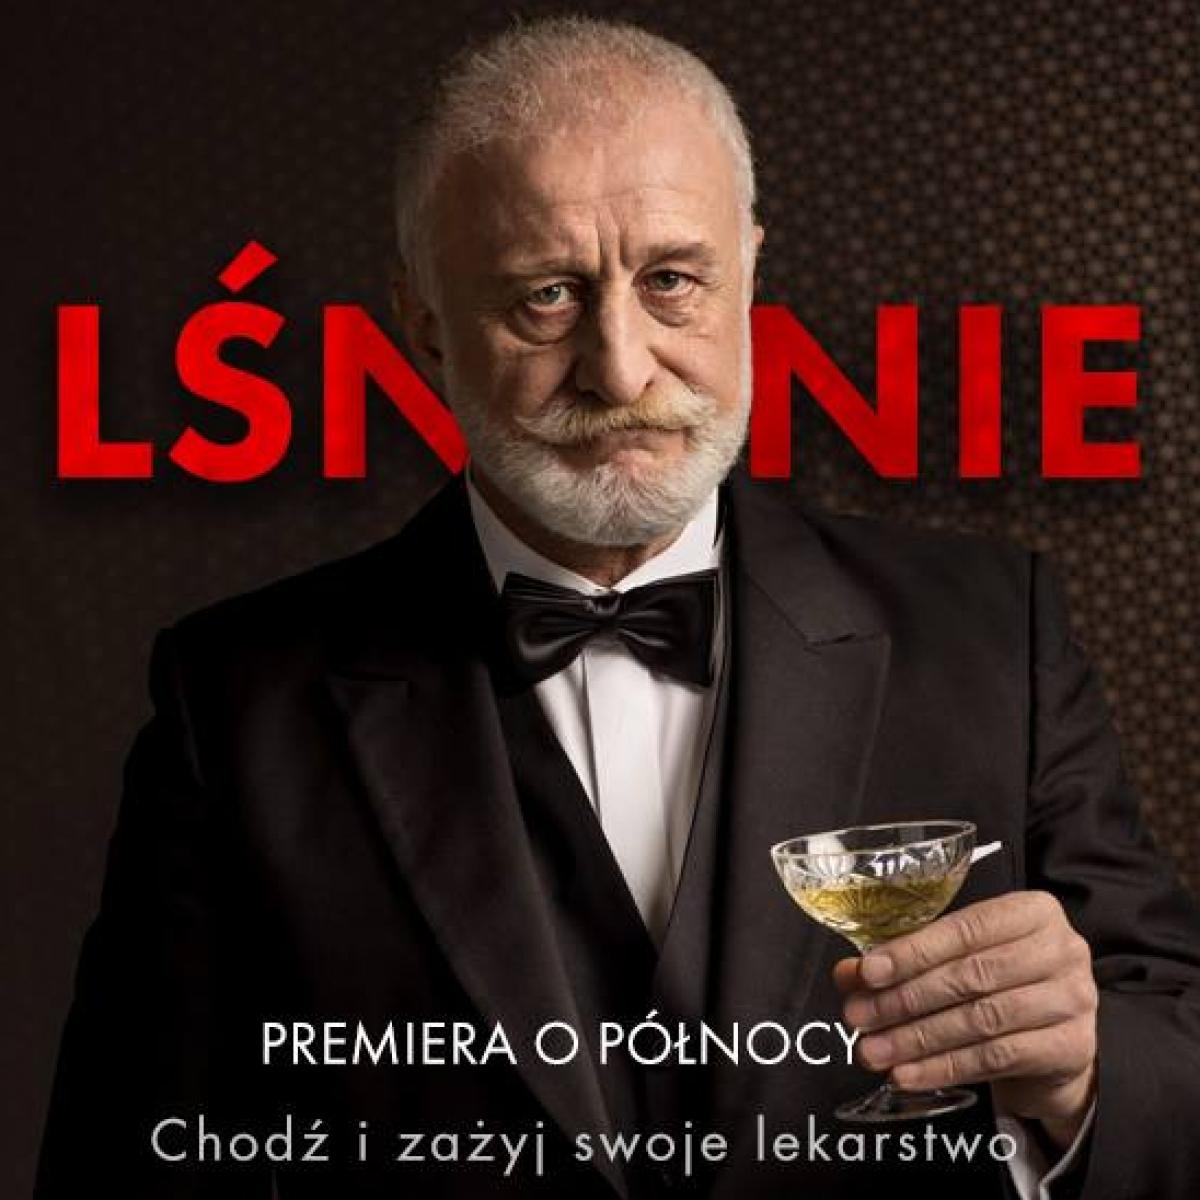 """""""Lśnienie"""" - premiera słuchowiska - obrazek"""